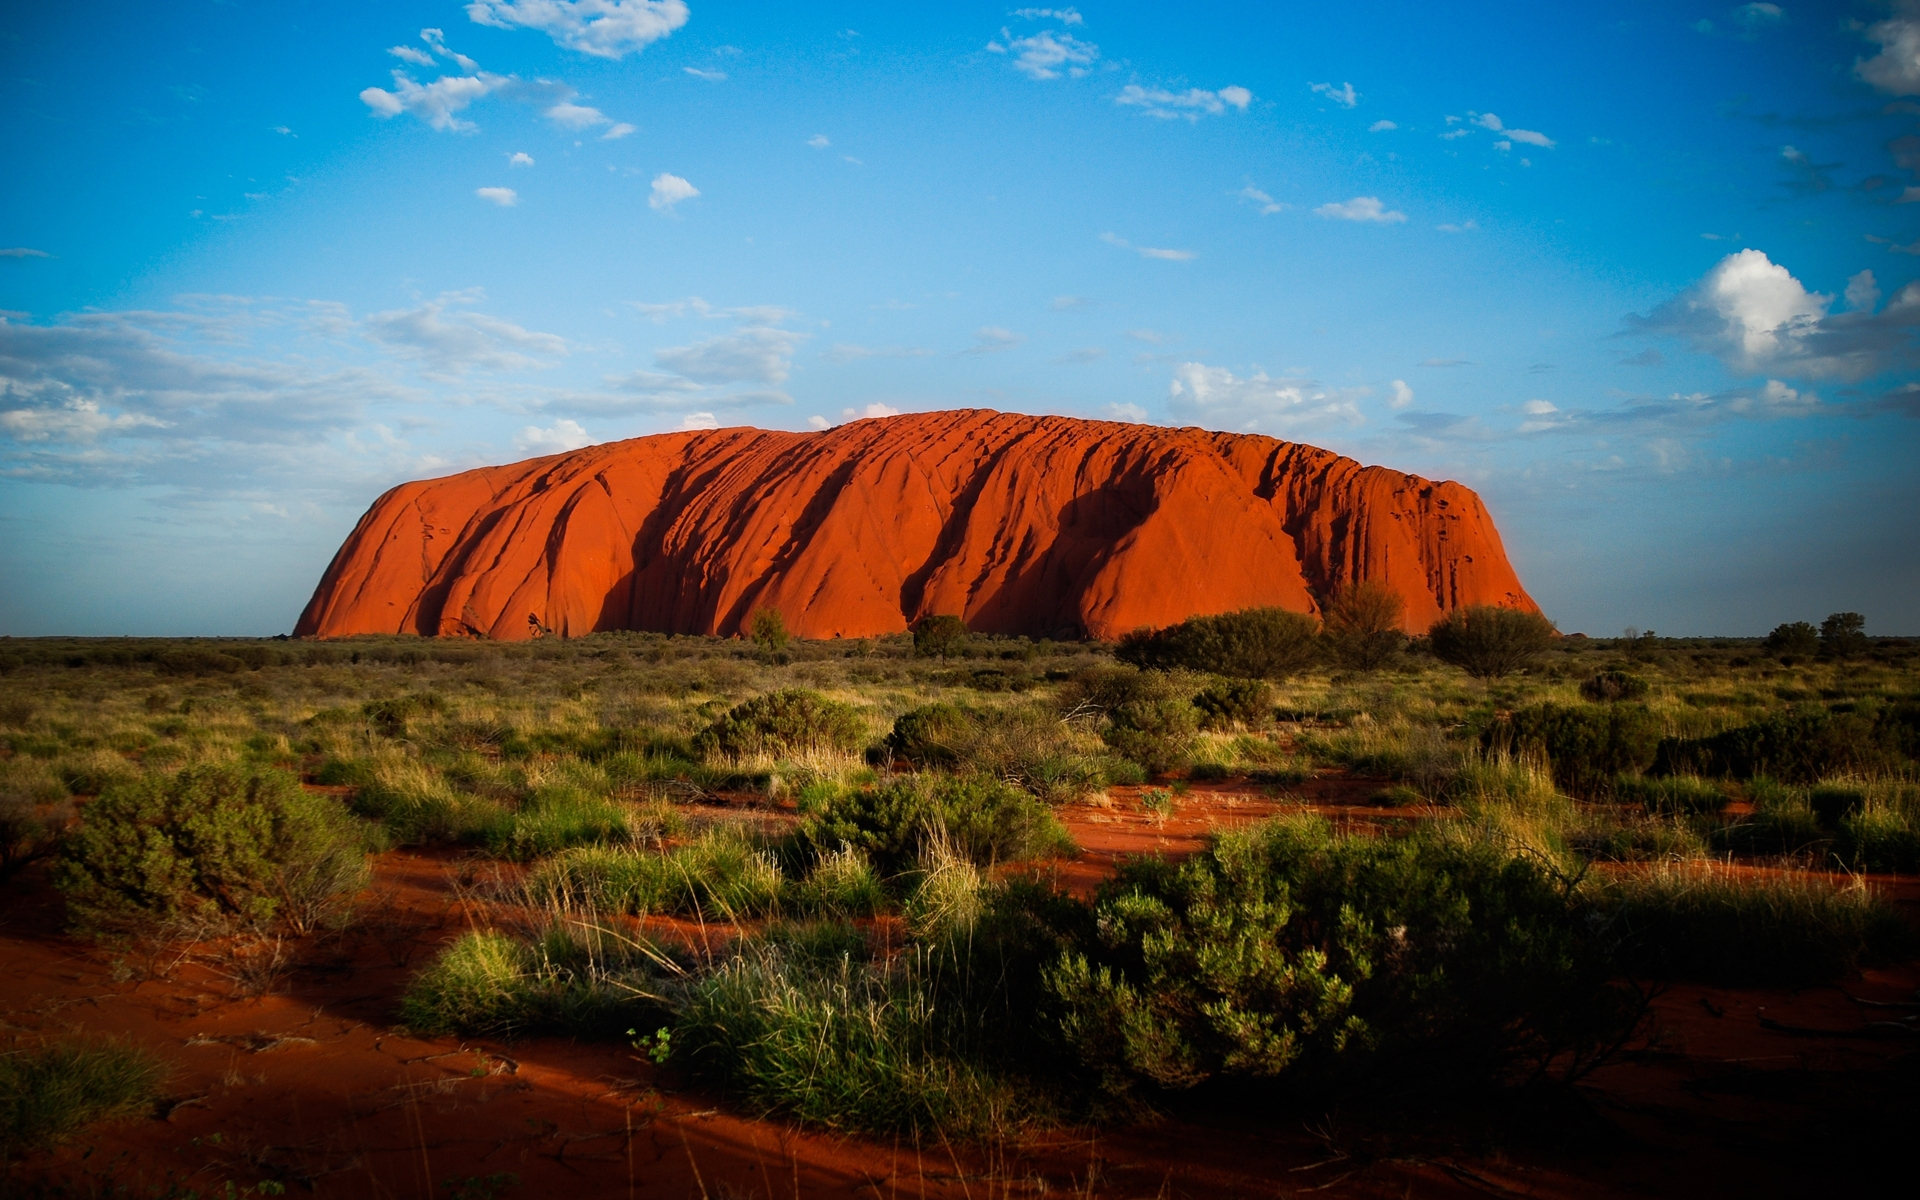 File:Climbing Uluru, Uluru-Kata Tjuta National Park ... |Uluru Kata Tjuta National Park Australia